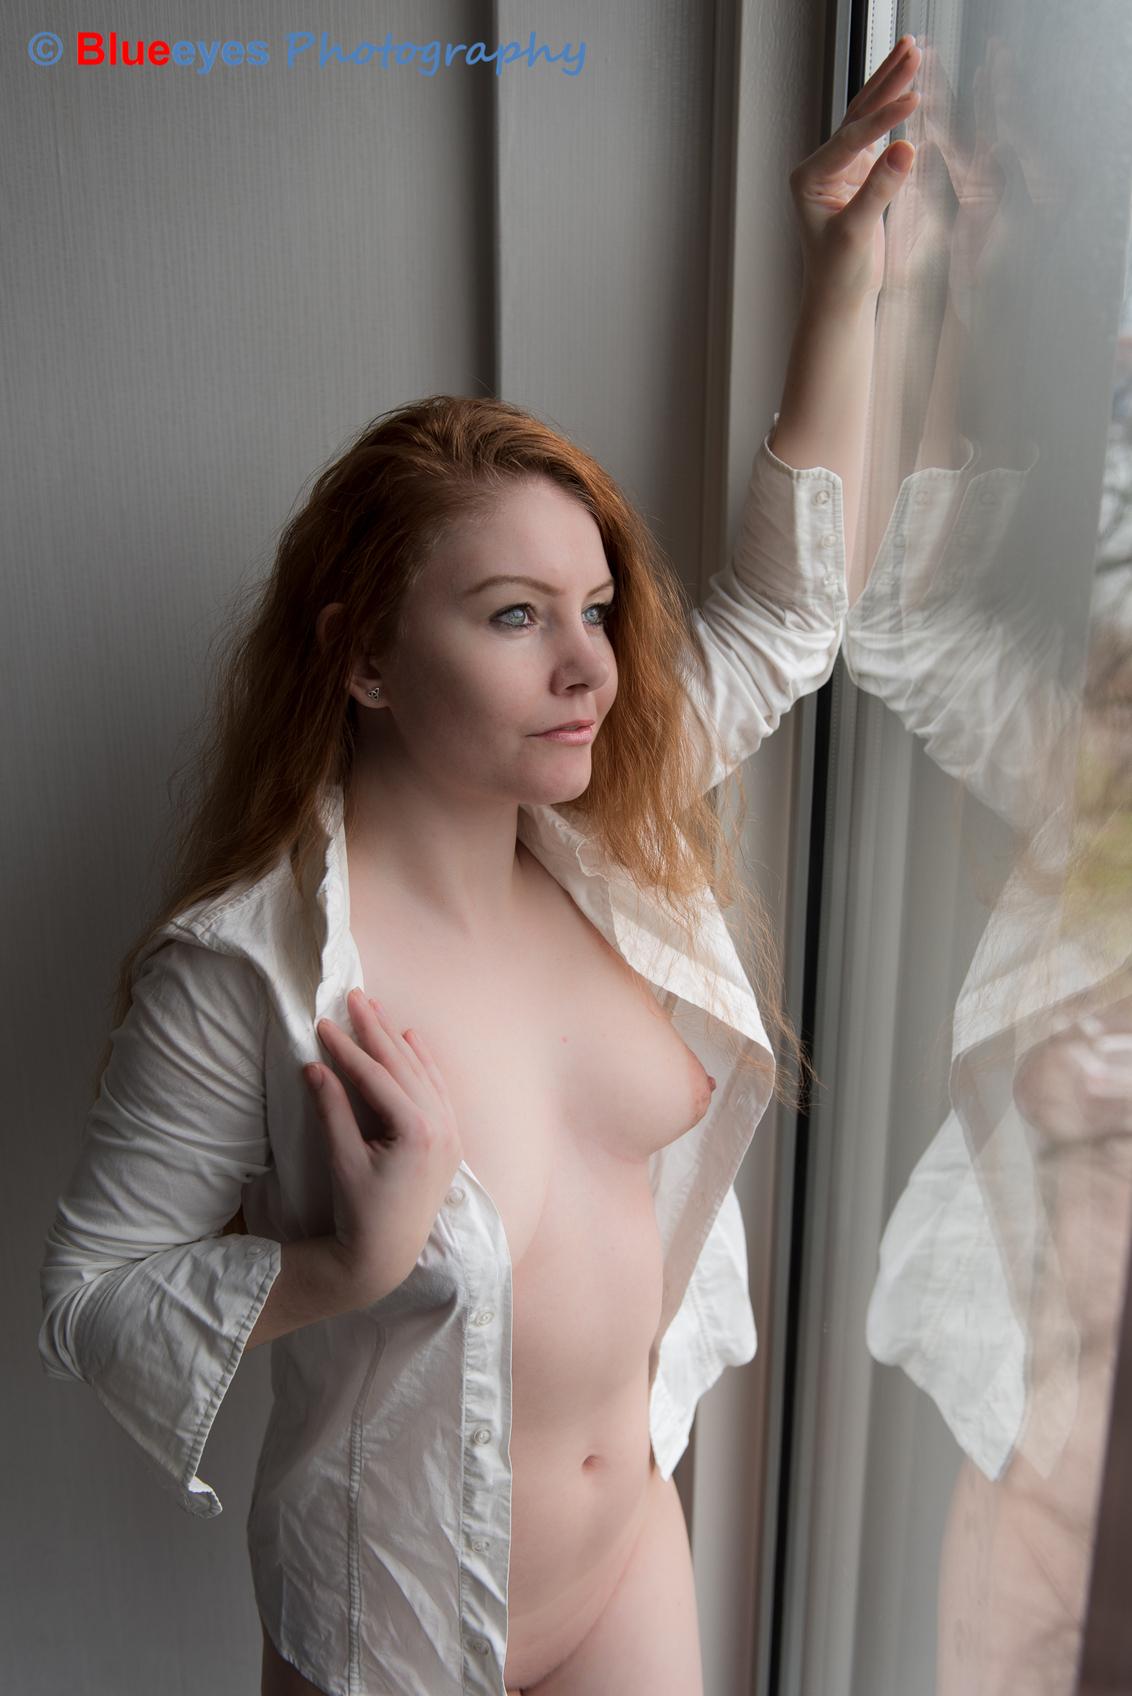 Cara-esque - Good morning - Model: Cara-esque - foto door bytecube op 08-01-2015